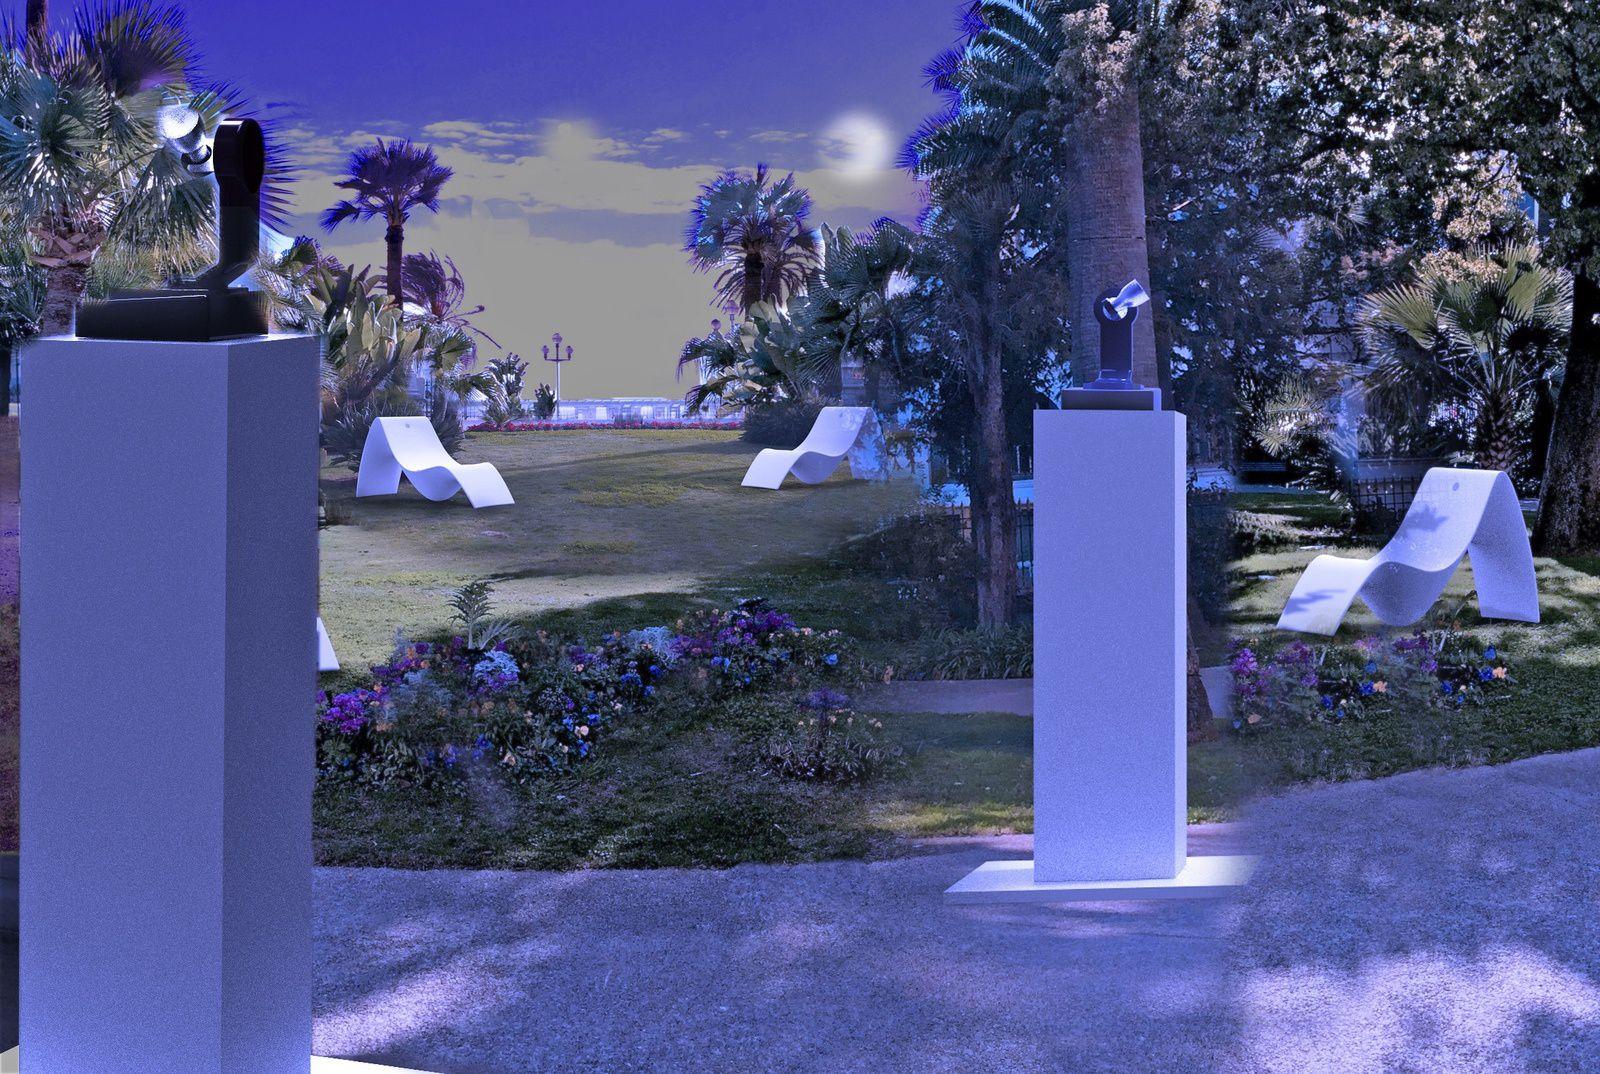 Concert spatialis les jardins de charlotte nice 21 for Le jardin du michel 2016